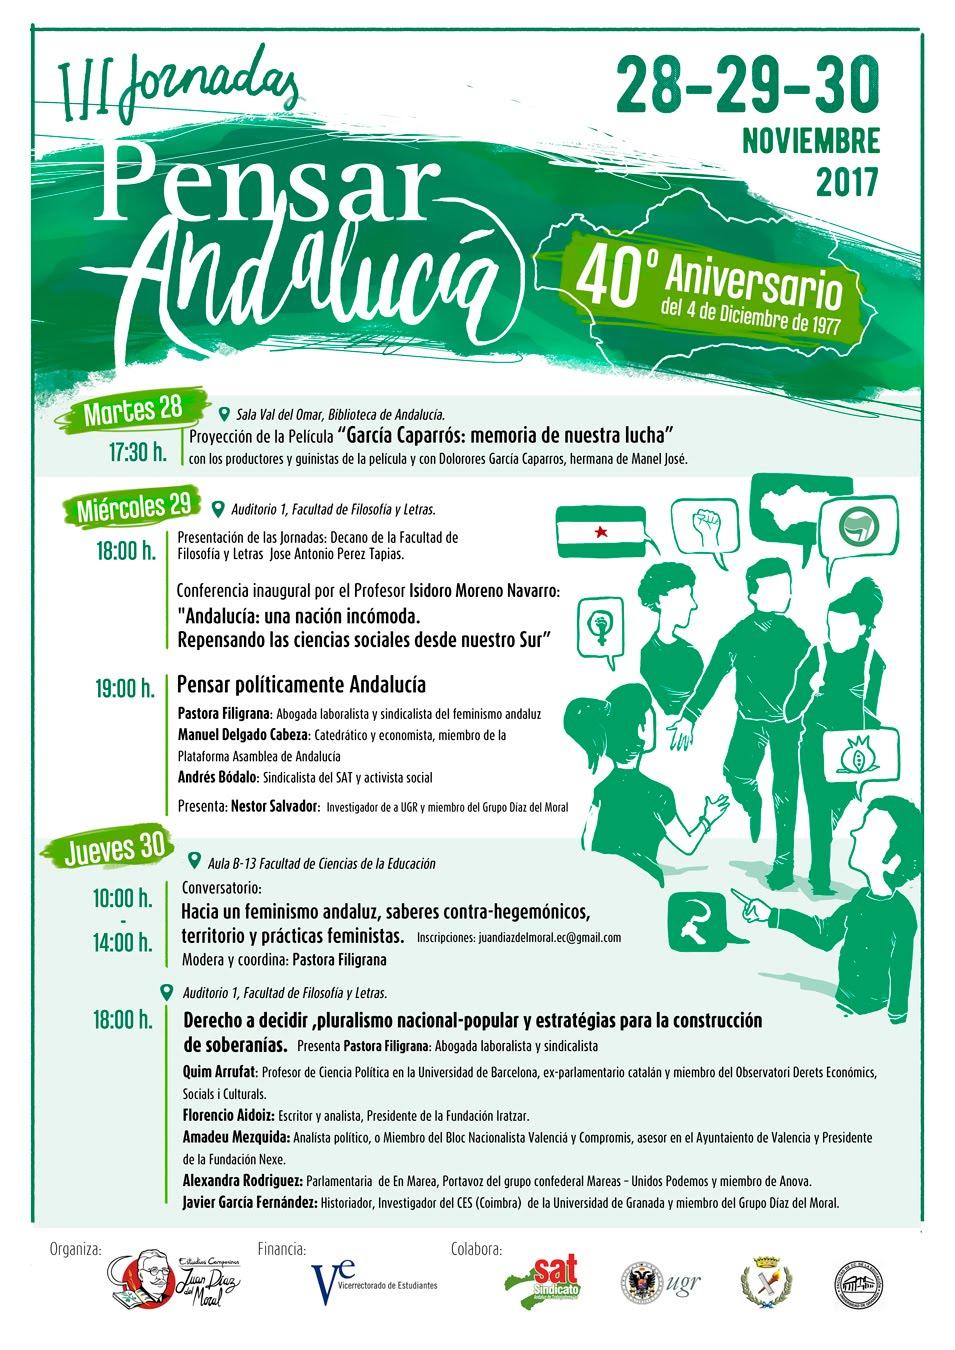 III Jornadas PENSAR ANDALUCÍA. 28 al 30 Noviembre. Granada.